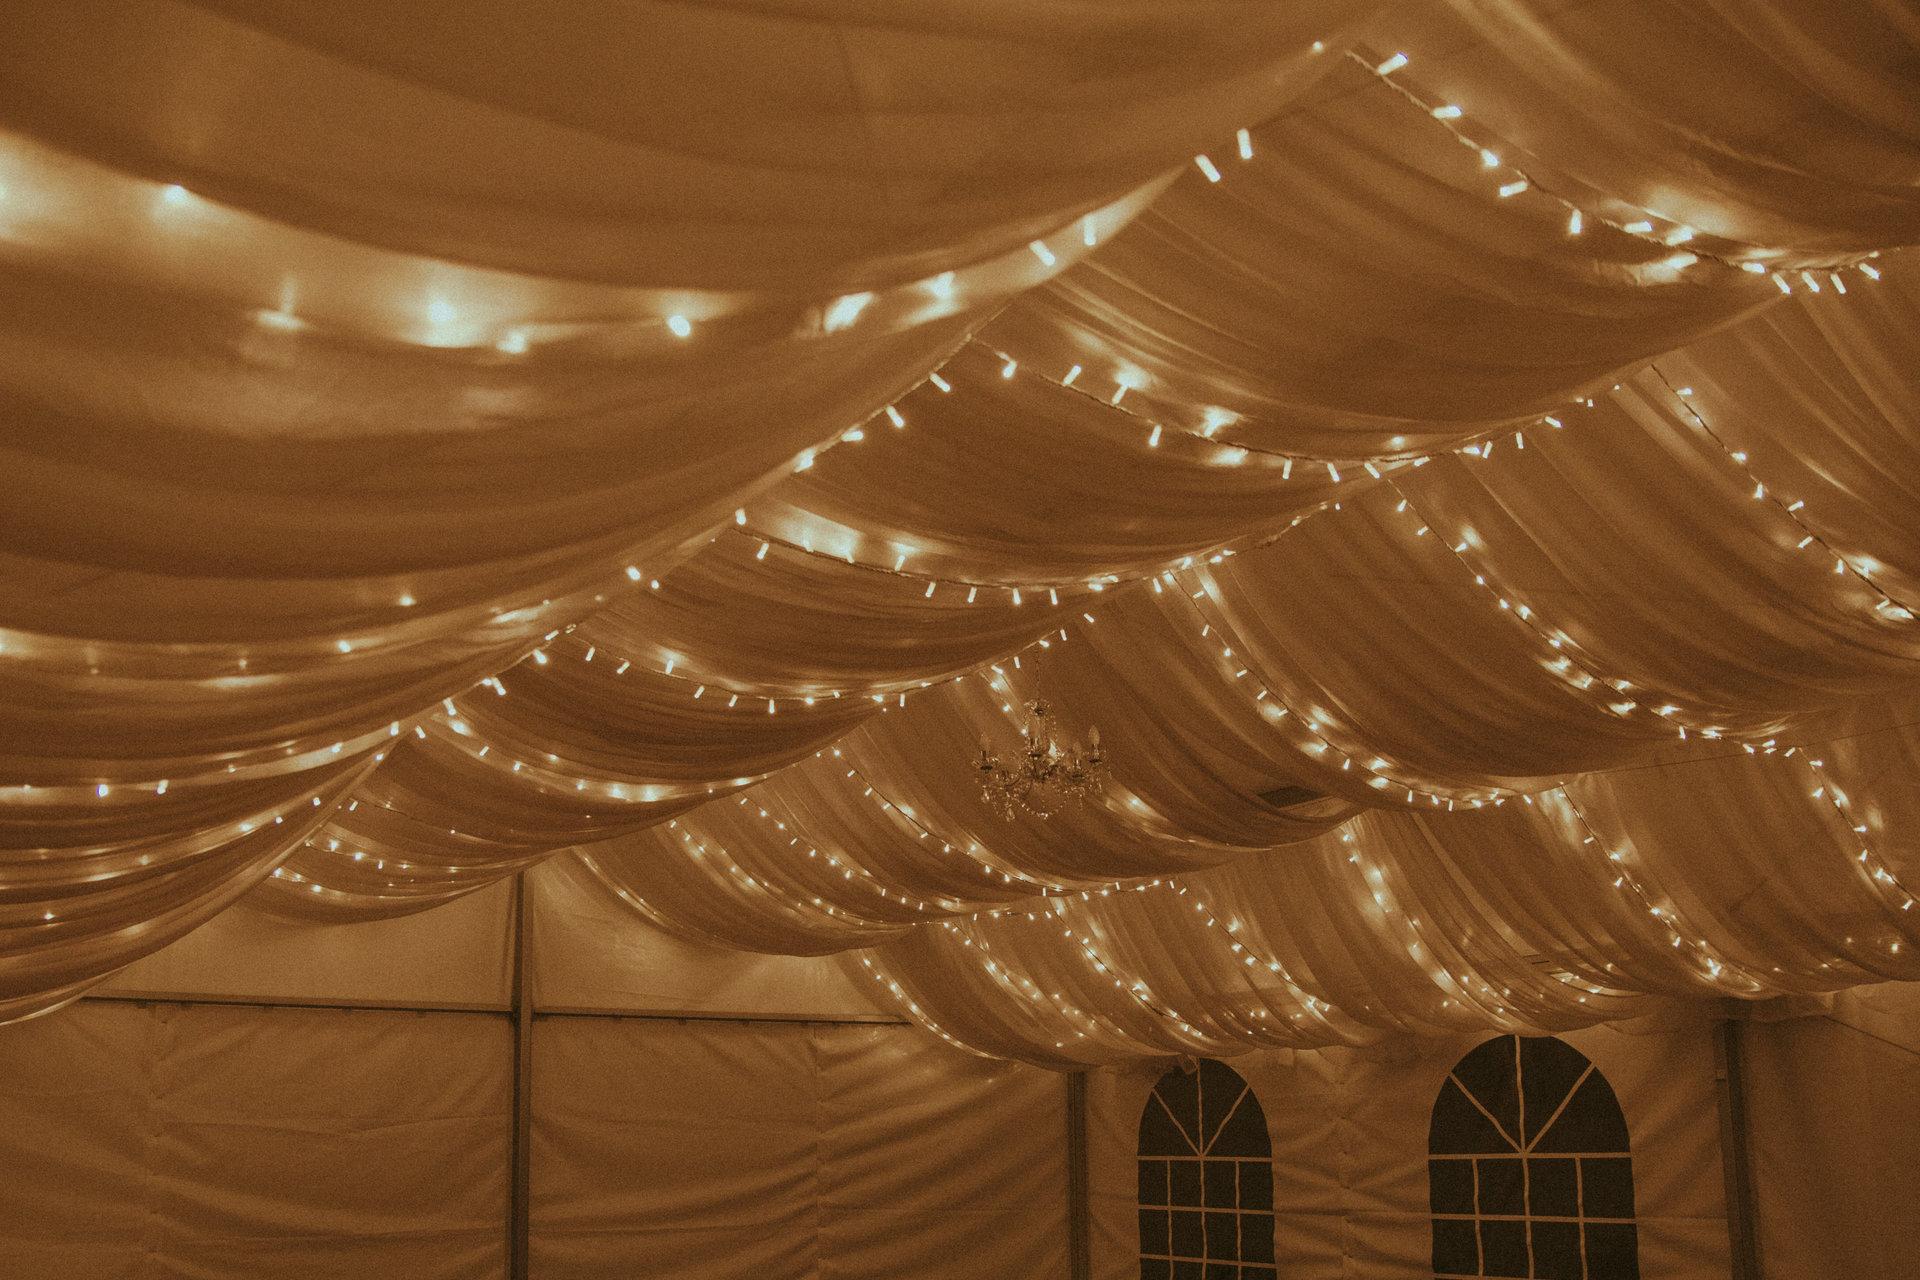 wynajem światełek do namiotu Baranów Sandomierski